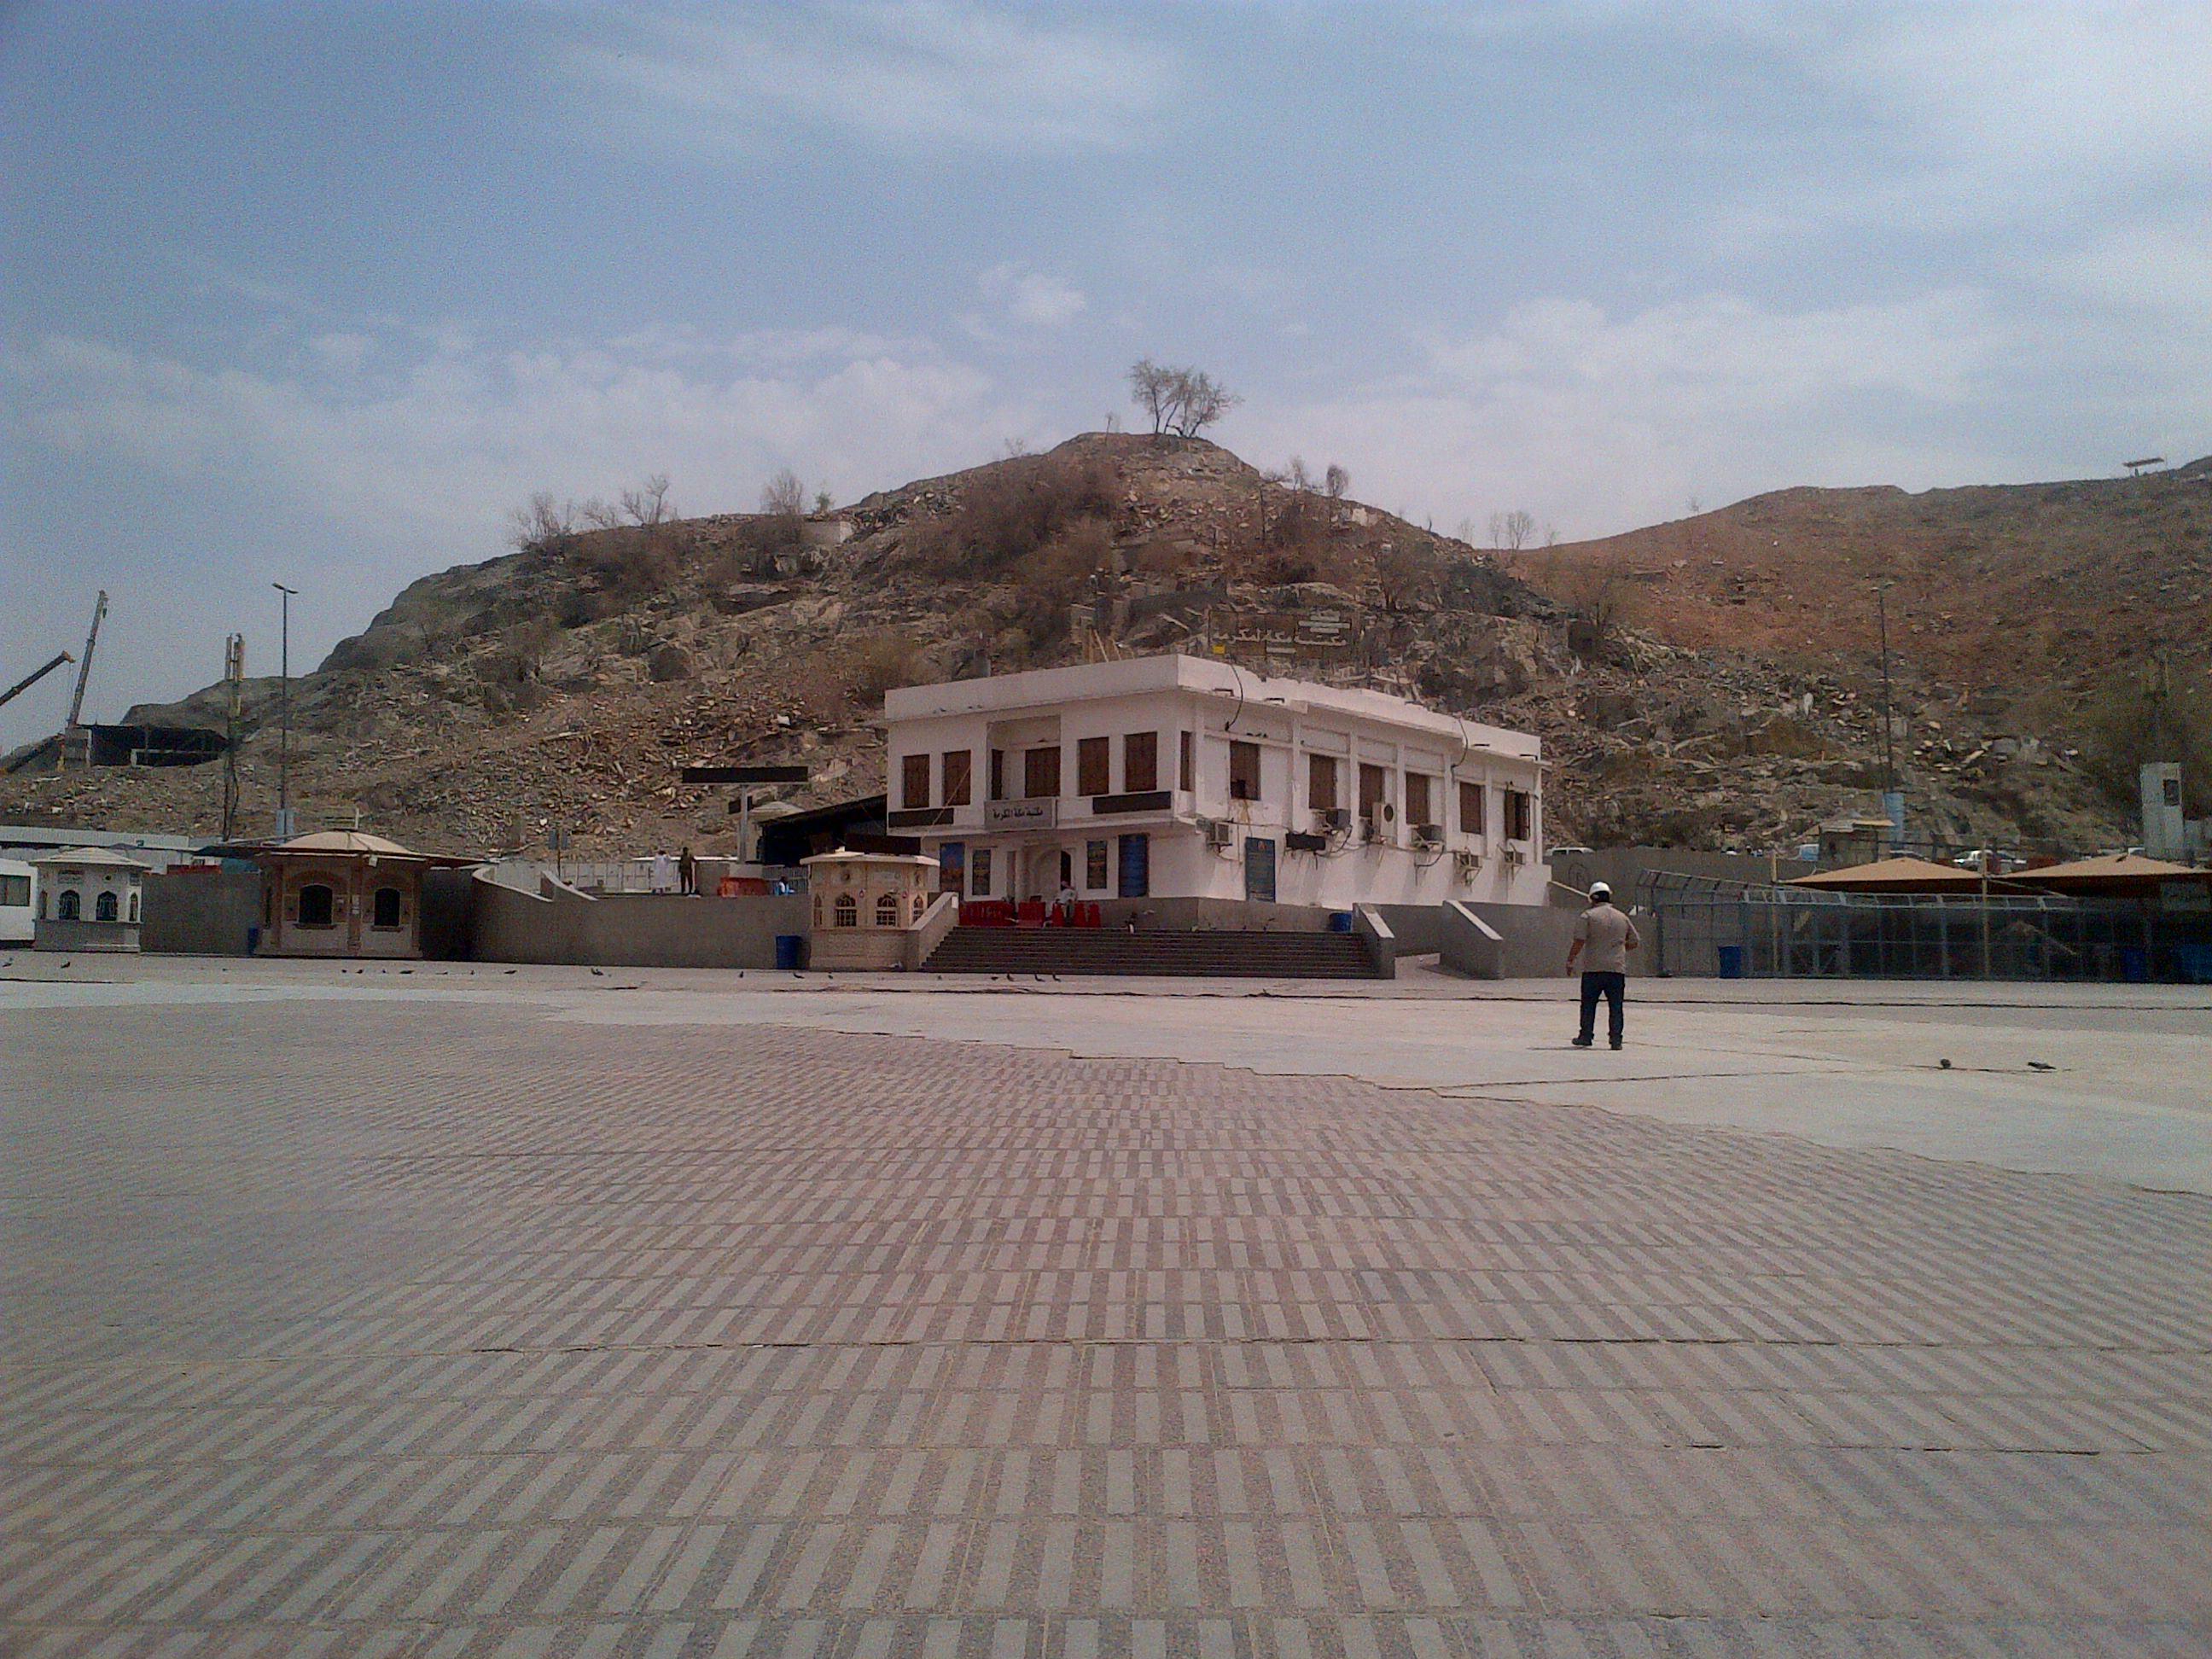 Perpustakaan_Makkah_al-Mukarramah.jpg